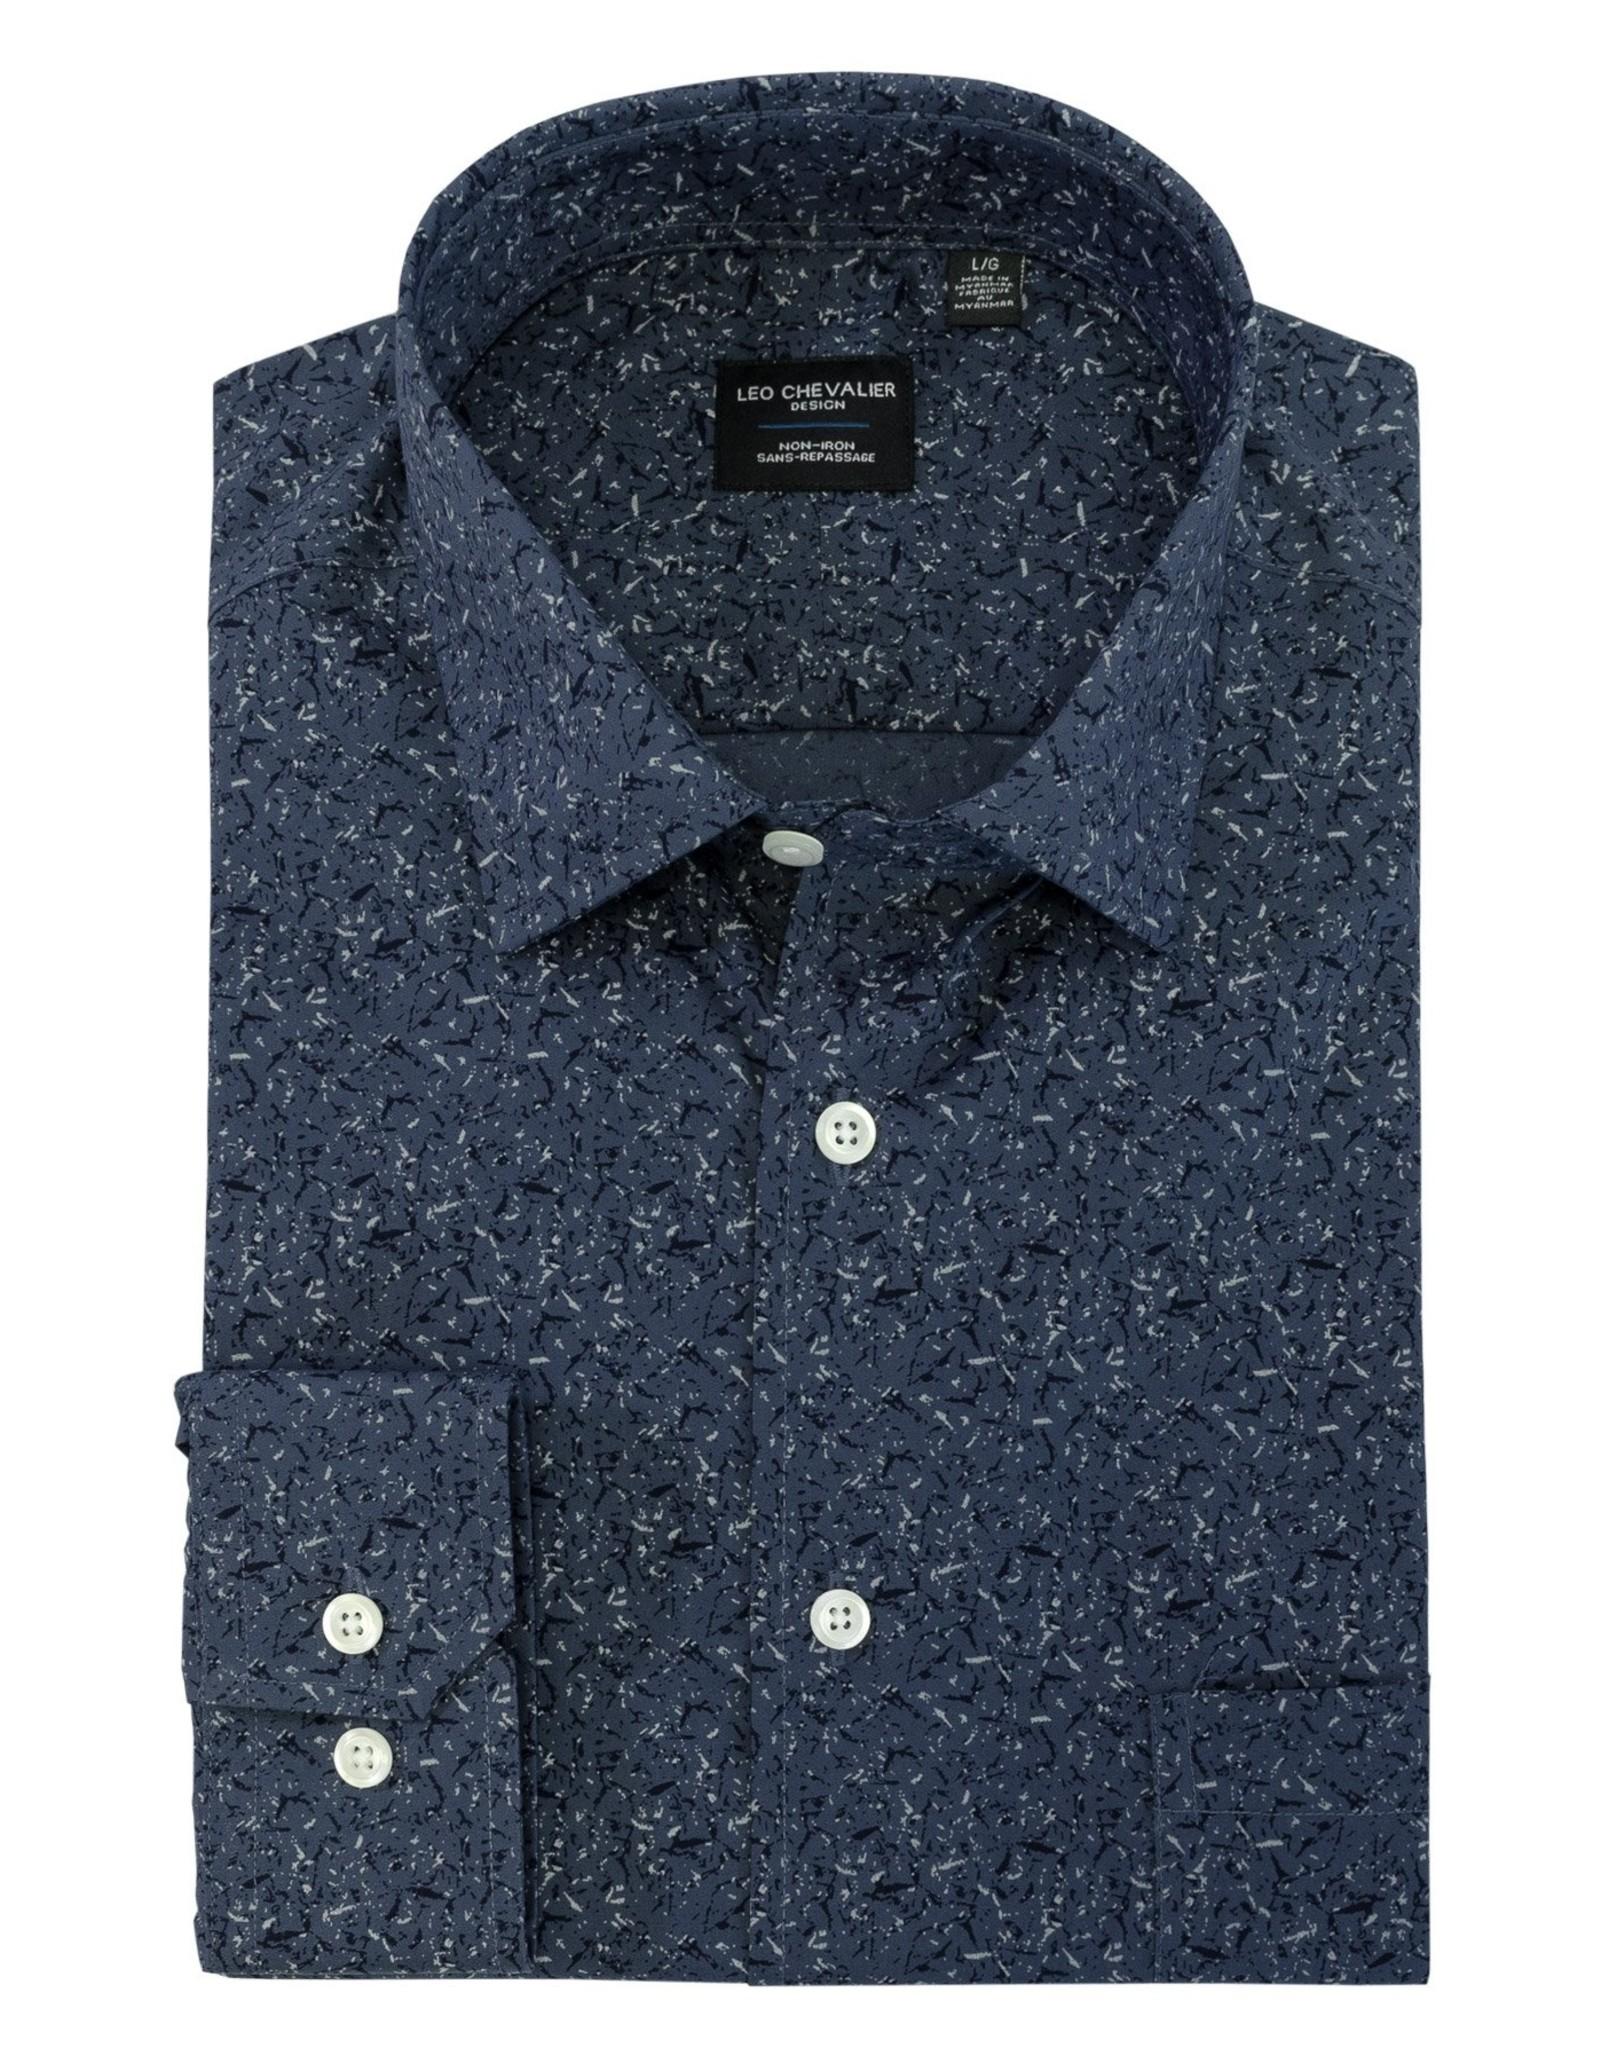 Leo Chevalier 525476 Leo Chevalier Shirt